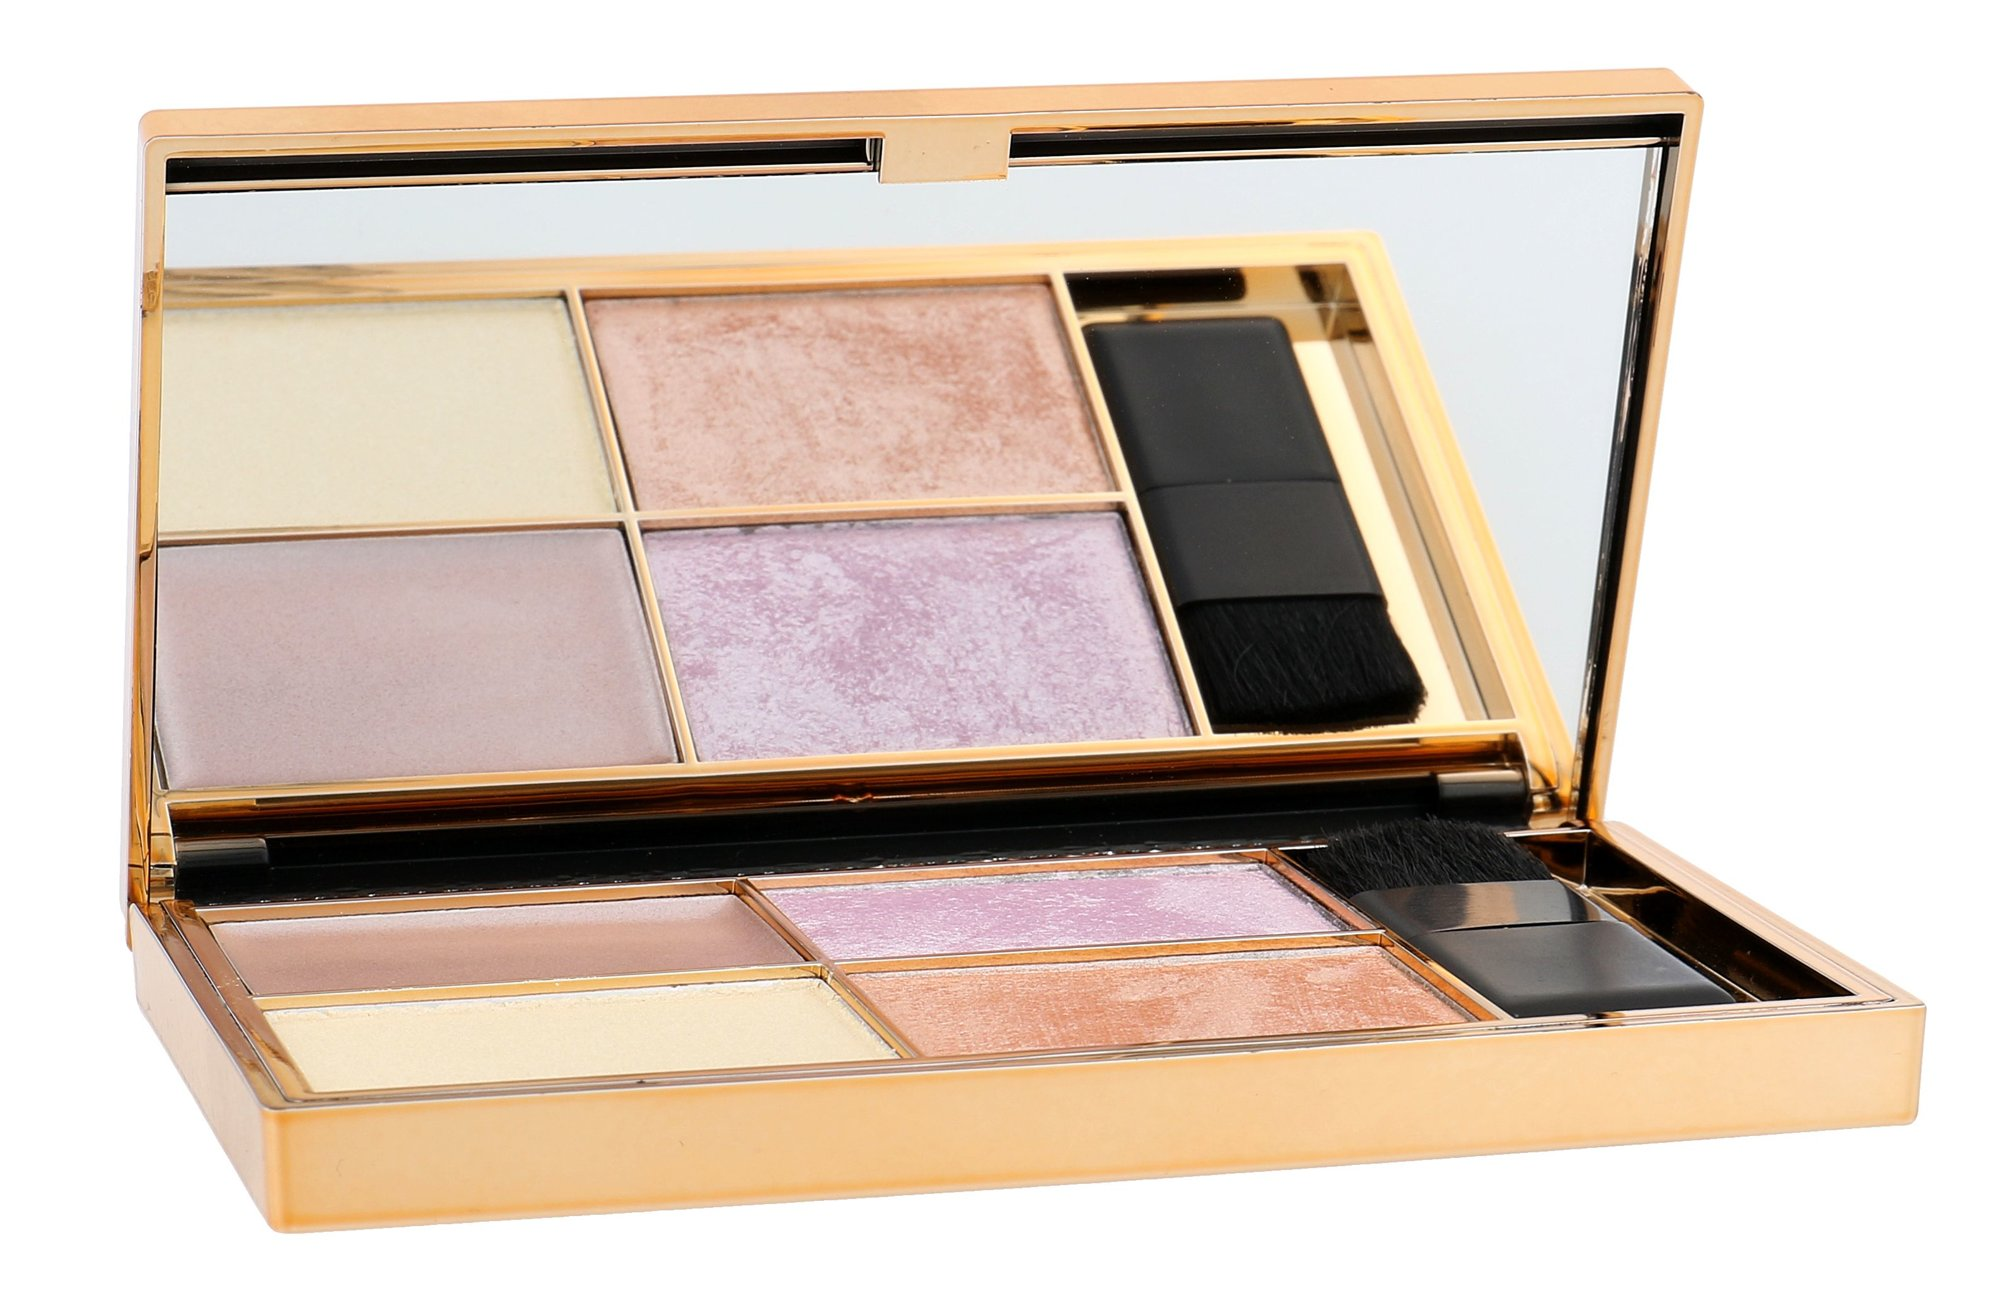 Sleek MakeUP Highlighting Palette Cosmetic 9ml 032 Solstice